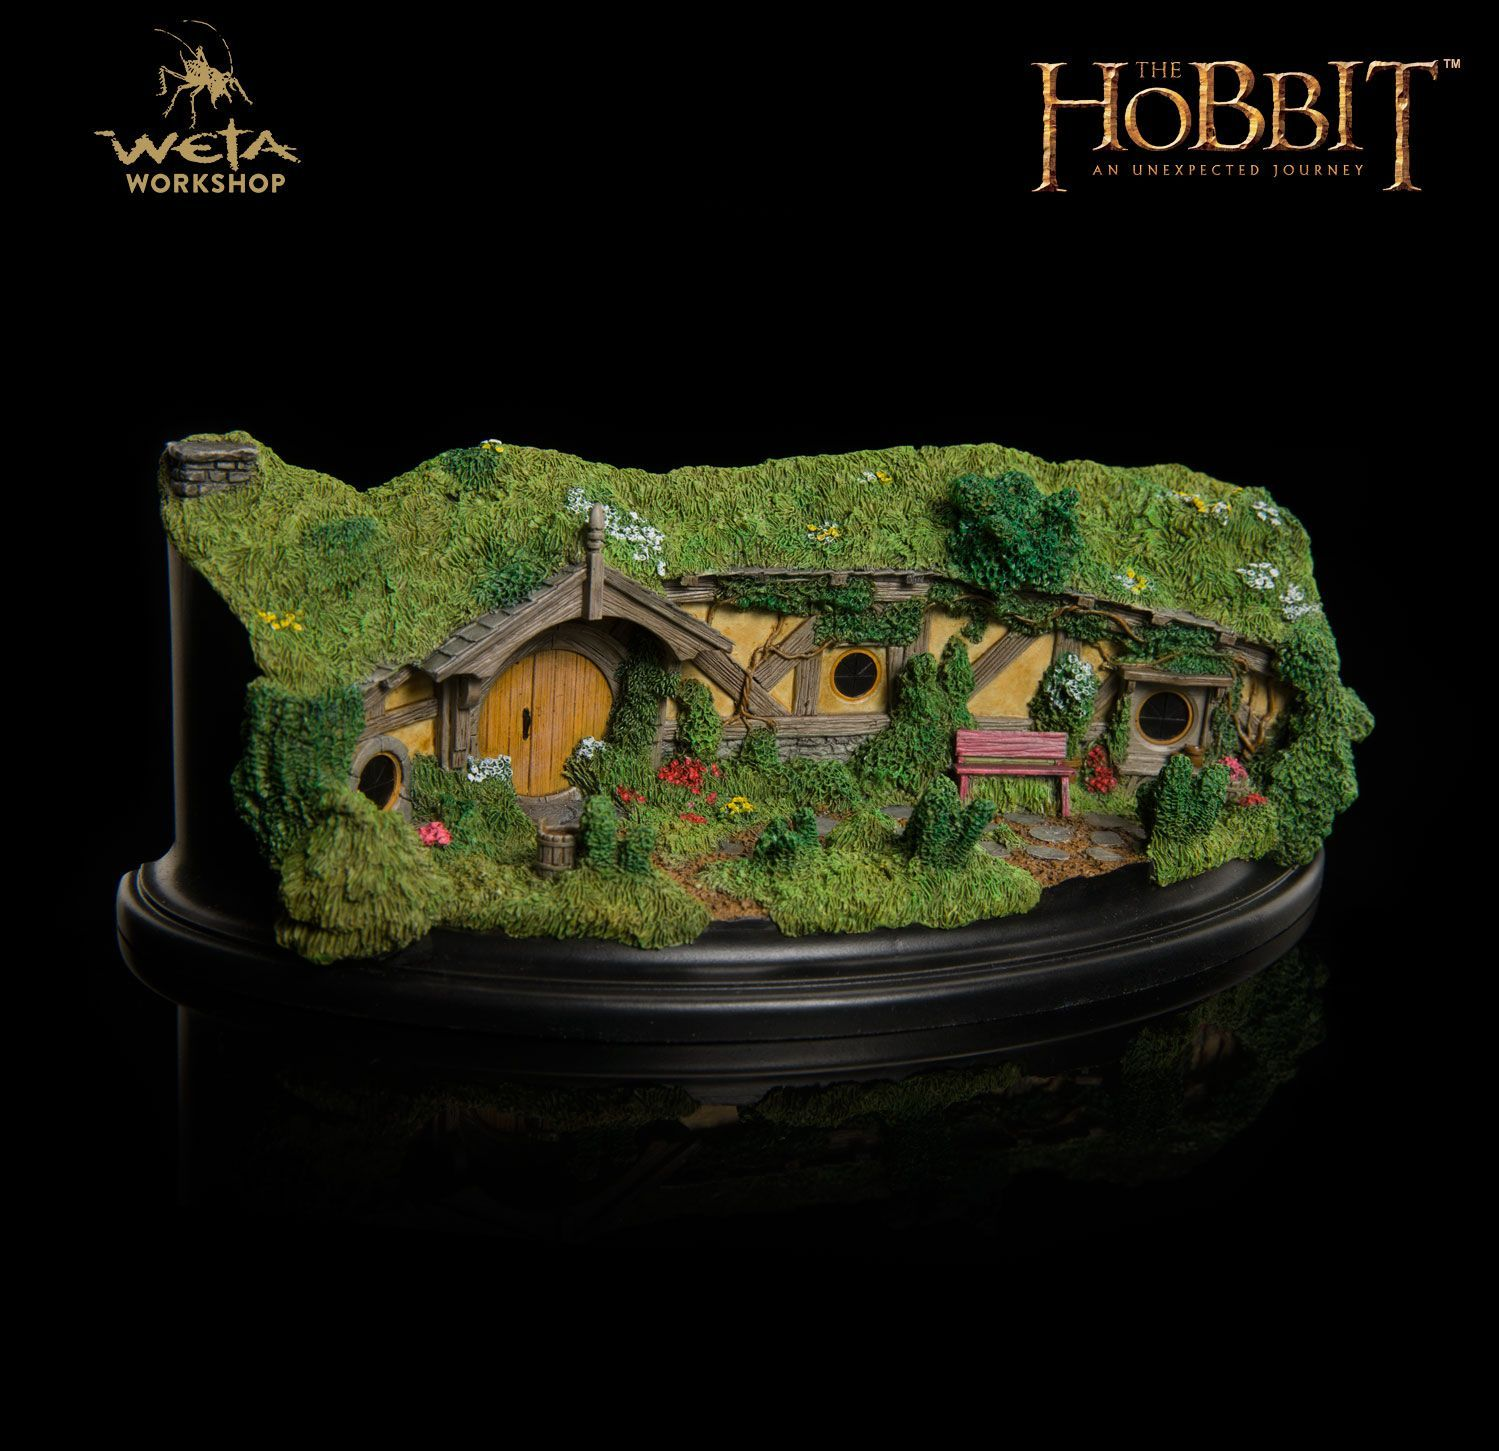 Weta Workshop pone a la venta la réplica de un nuevo agujero-hobbit ...